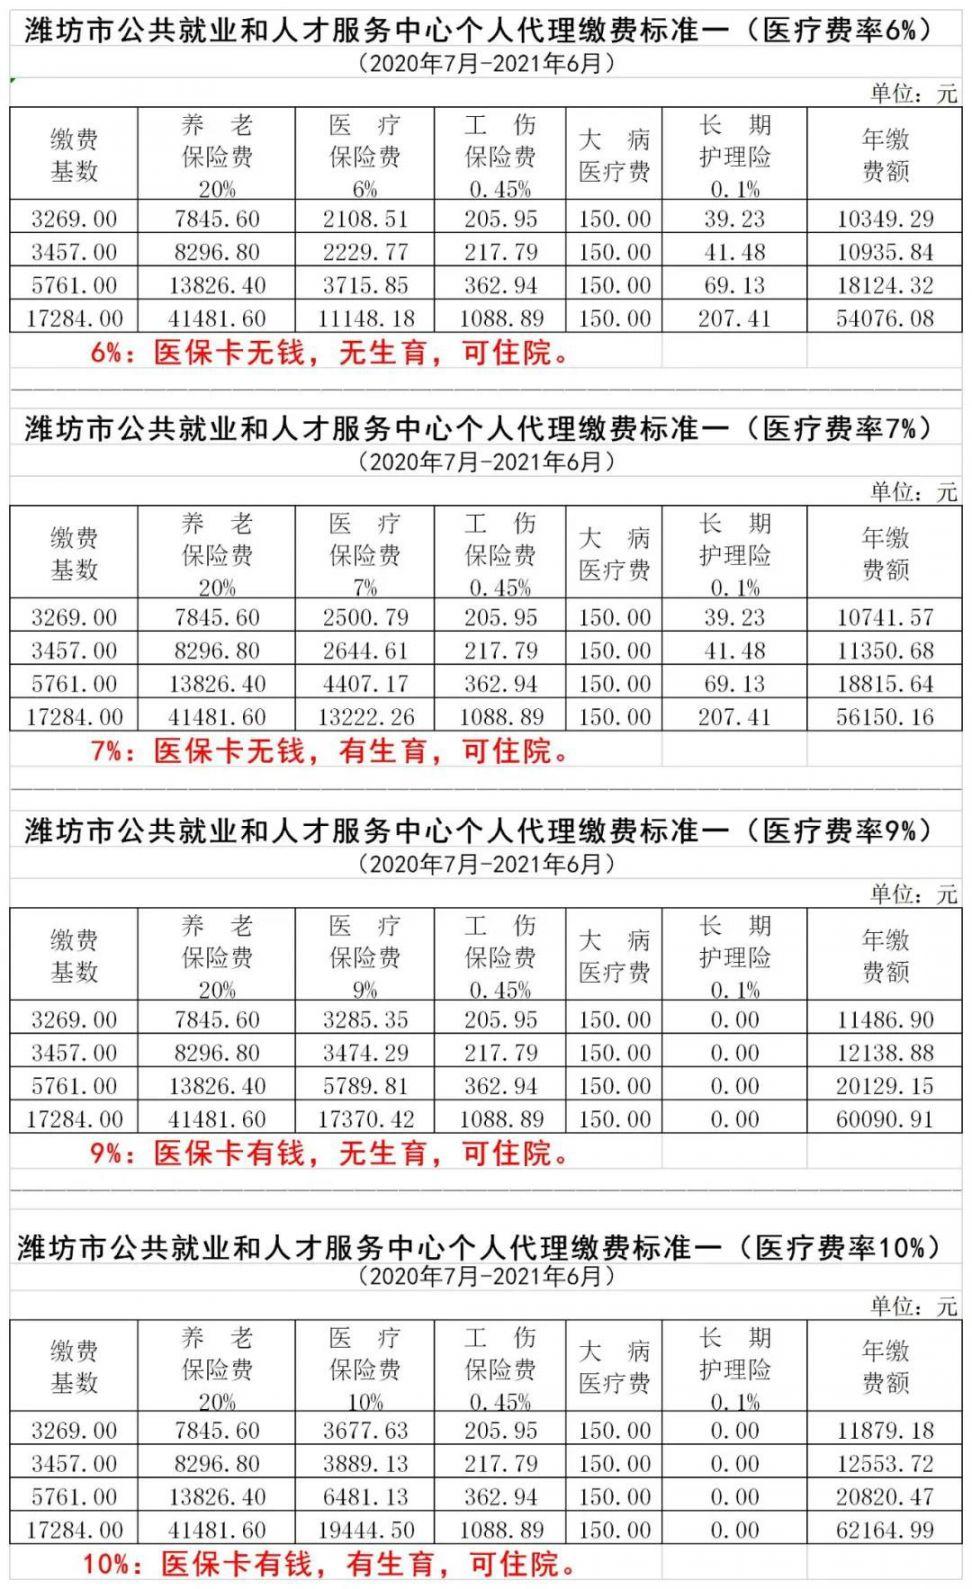 2020潍坊公共就业和人才服务中学个人代理缴费标准